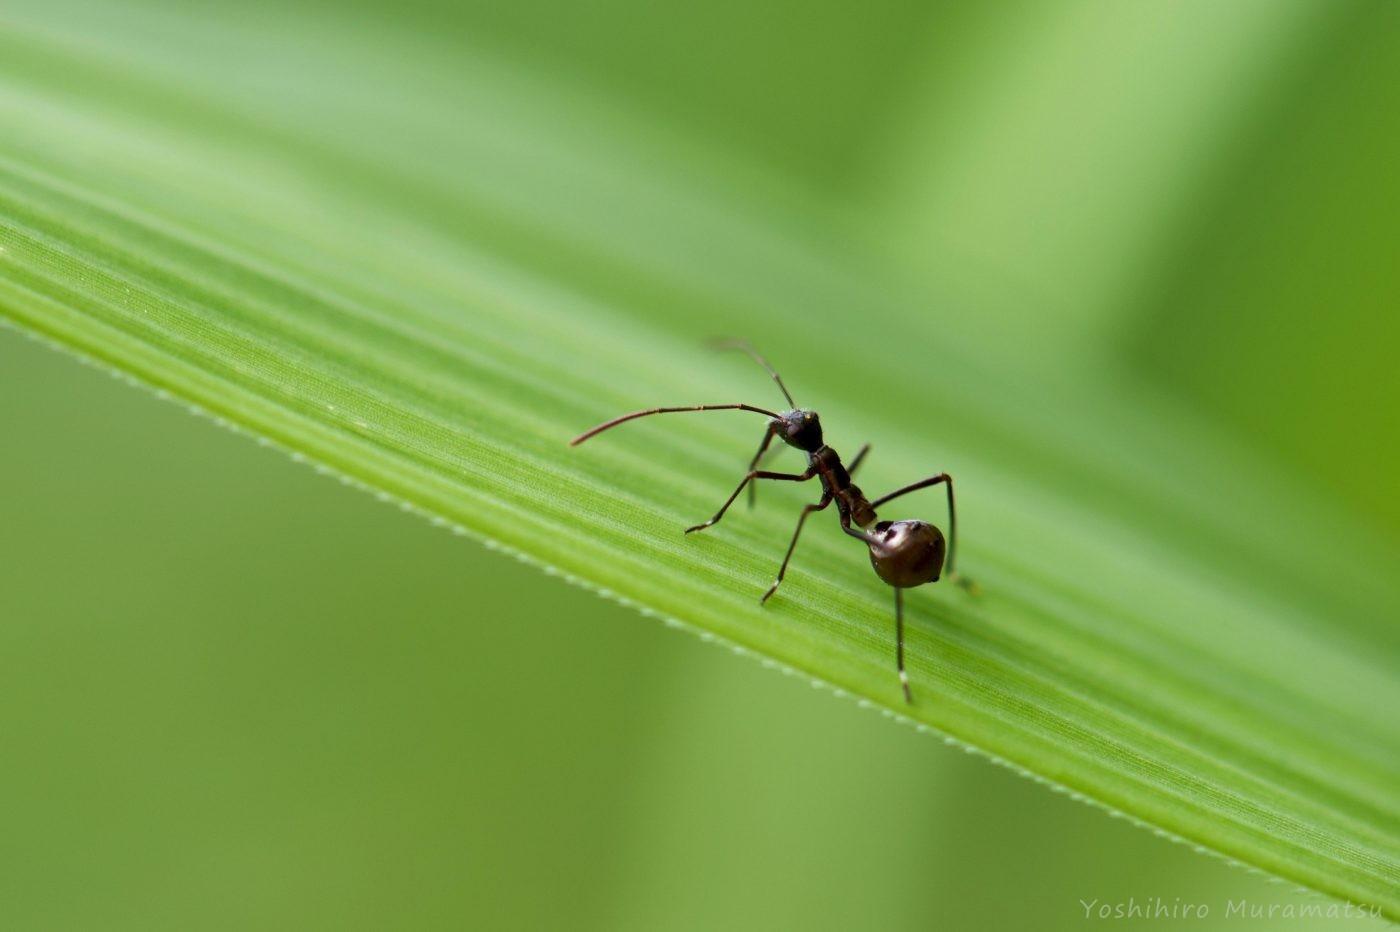 ホソヘリカメムシ幼虫の写真